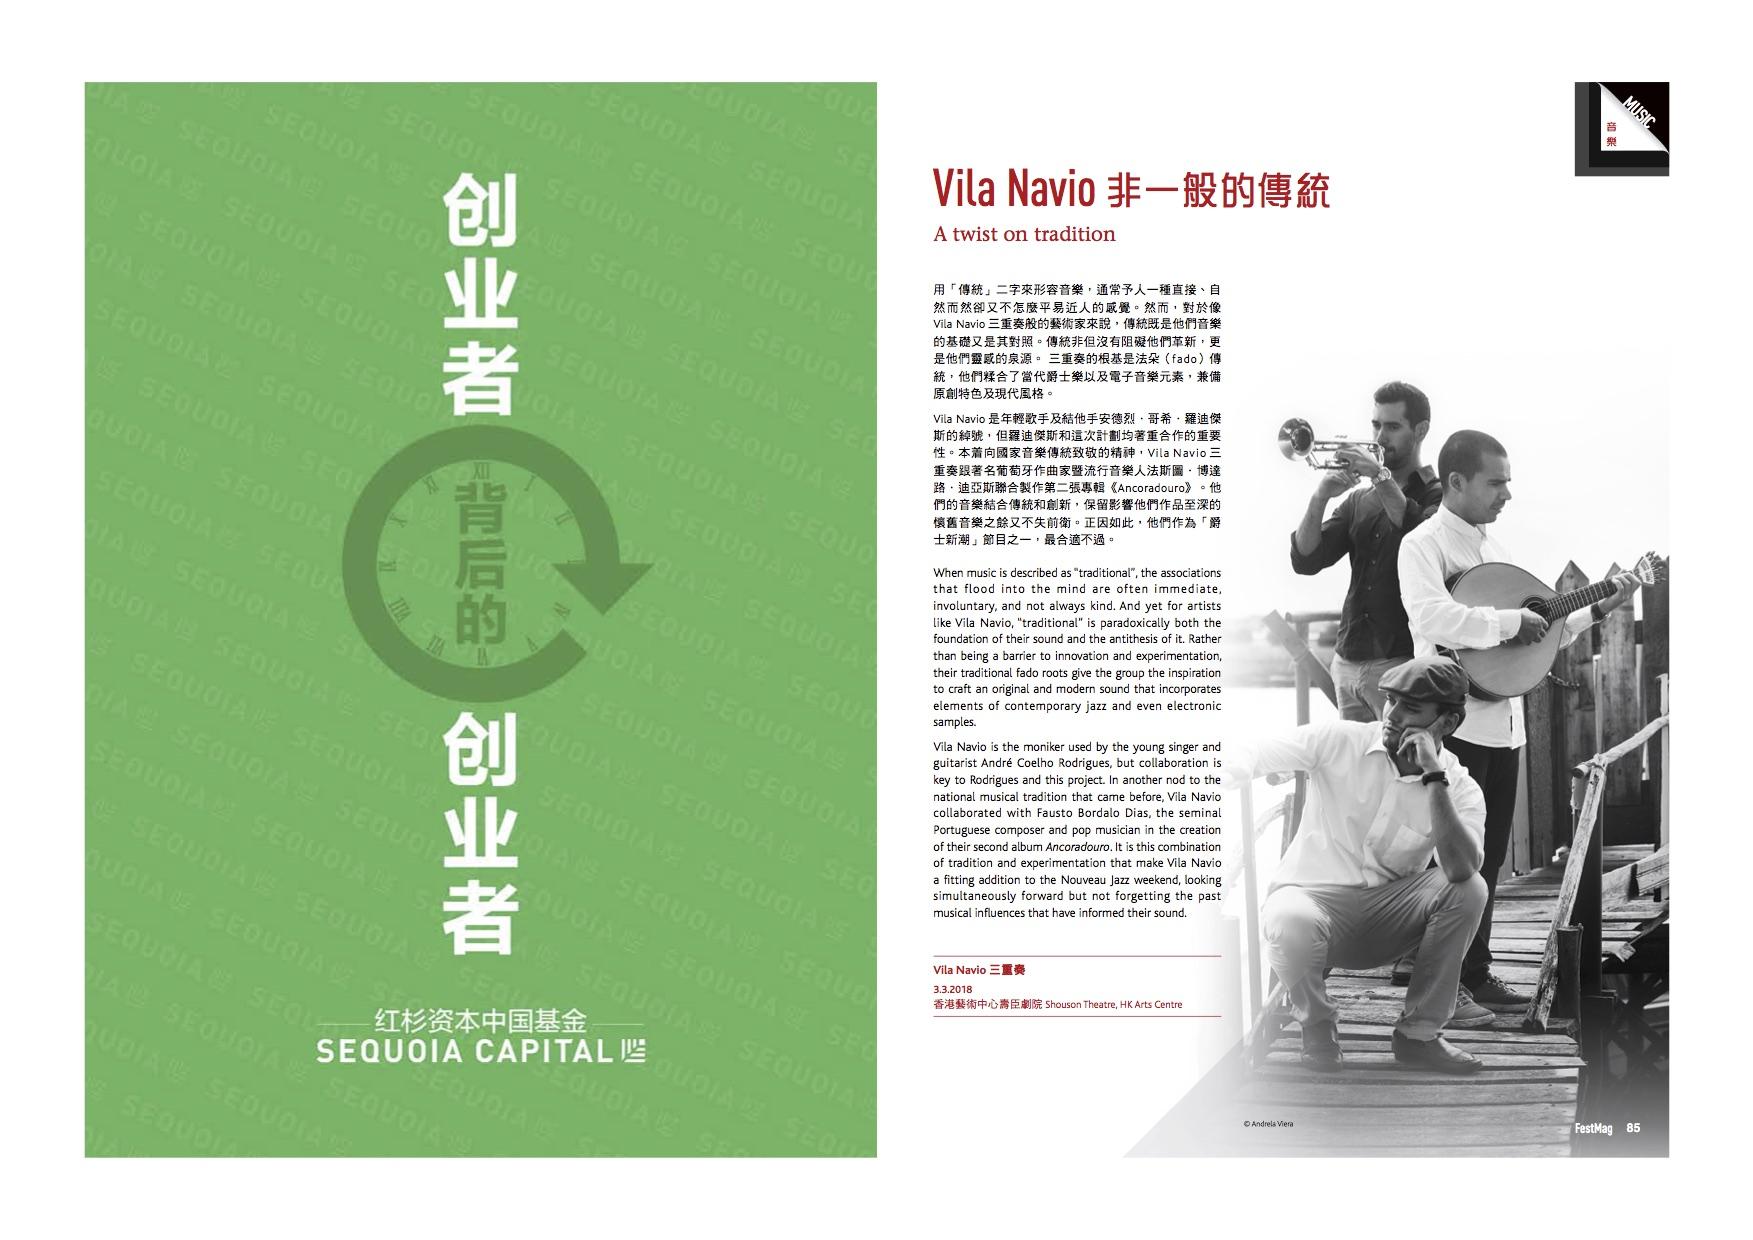 FestMag (HK Arts Festival), 2018